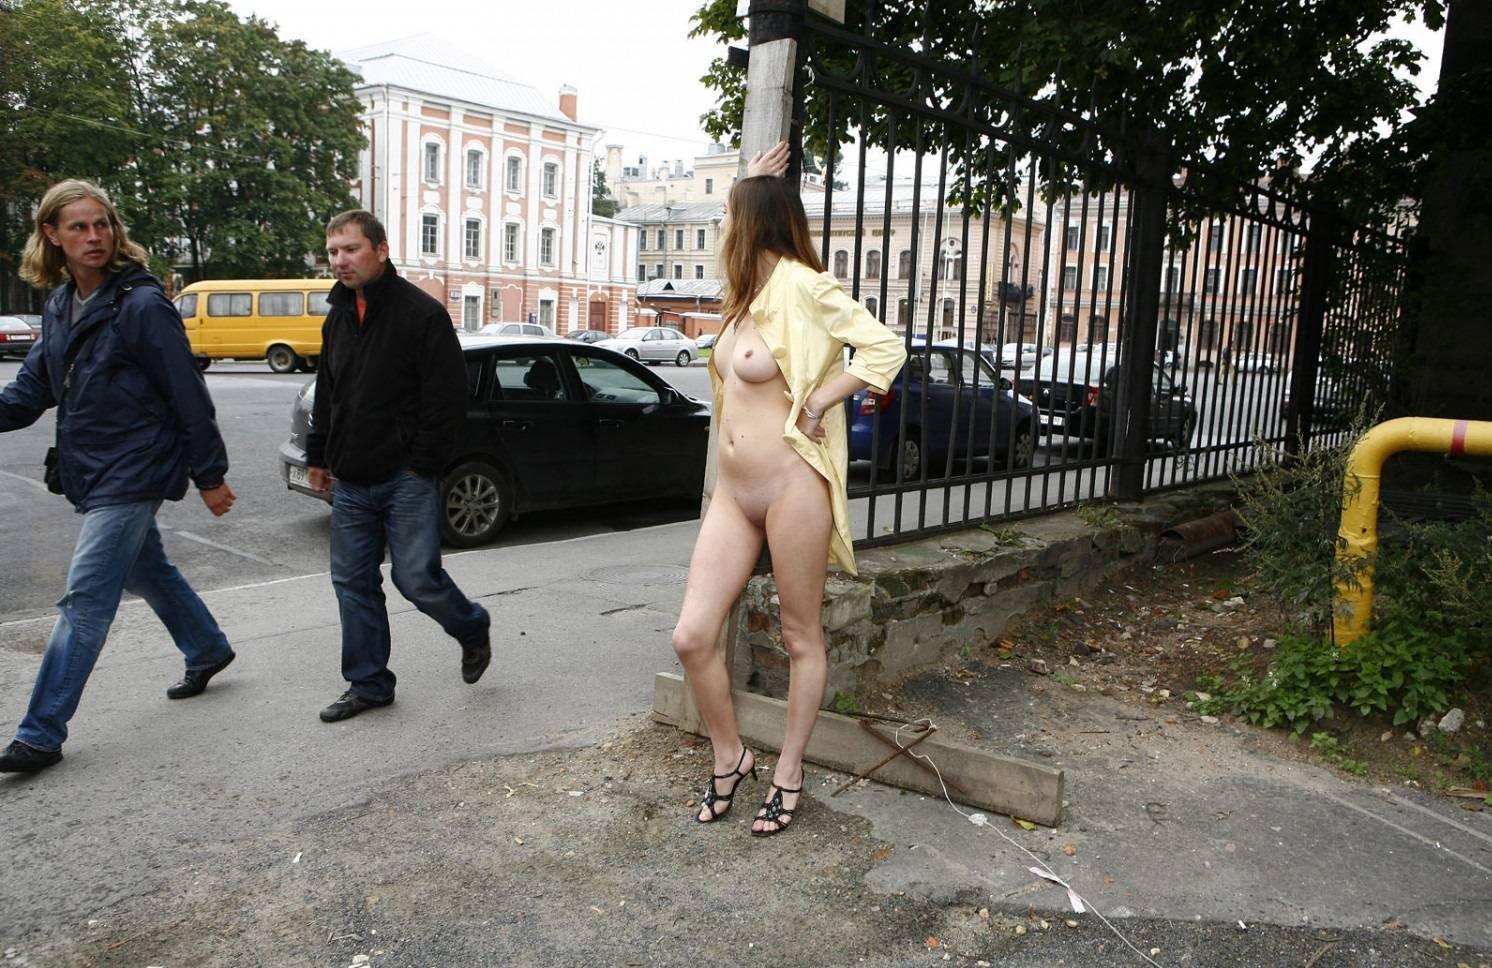 прошлась по улице без трусиков супруги обоих